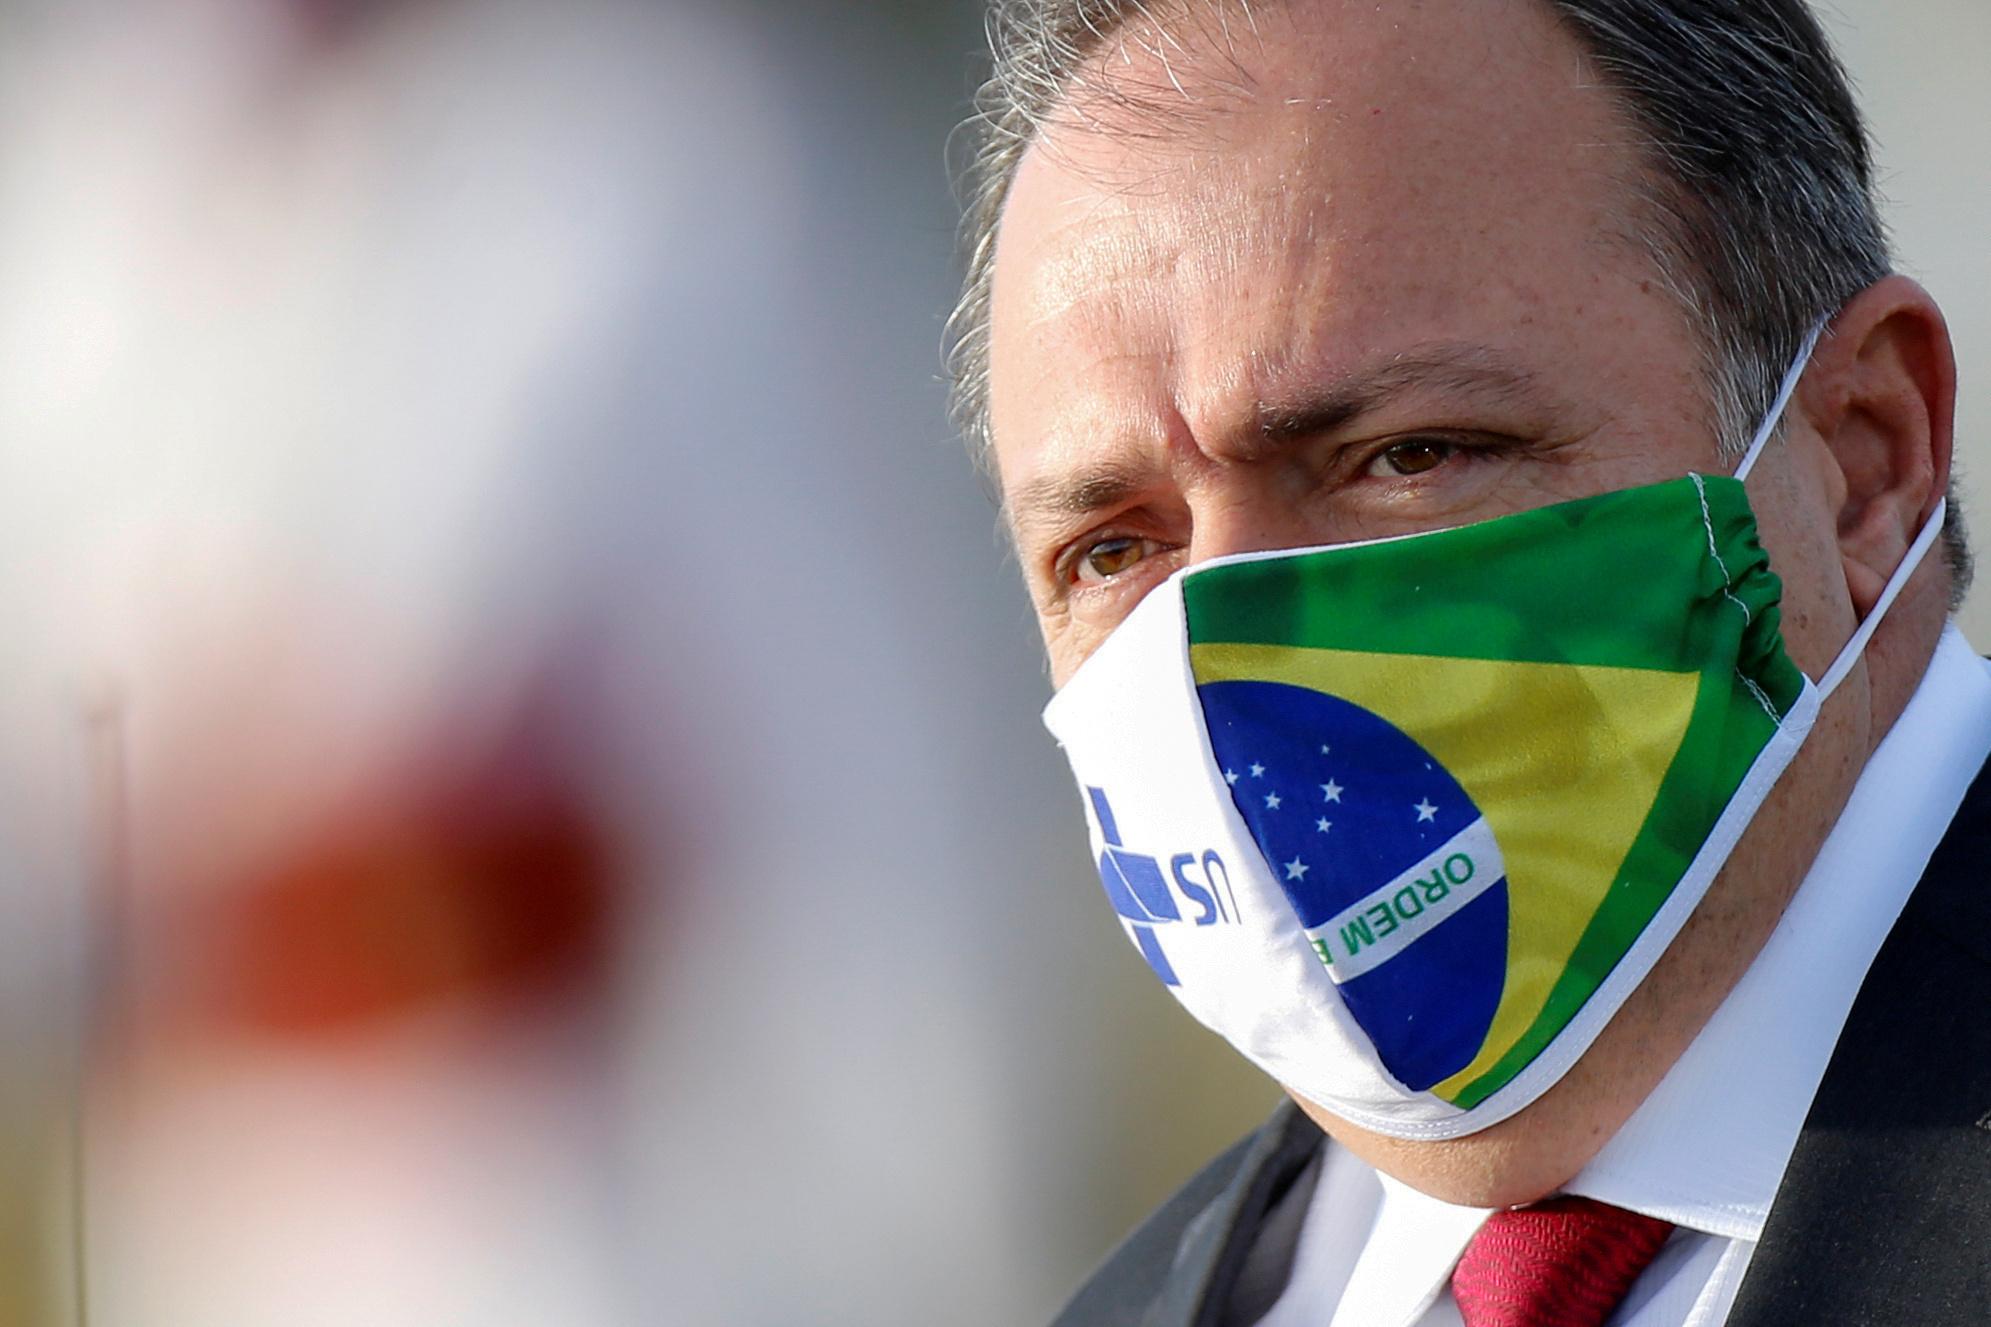 Pressionado por fim de doses, Pazuello promete a governadores vacinas sem confirmação de entrega thumbnail